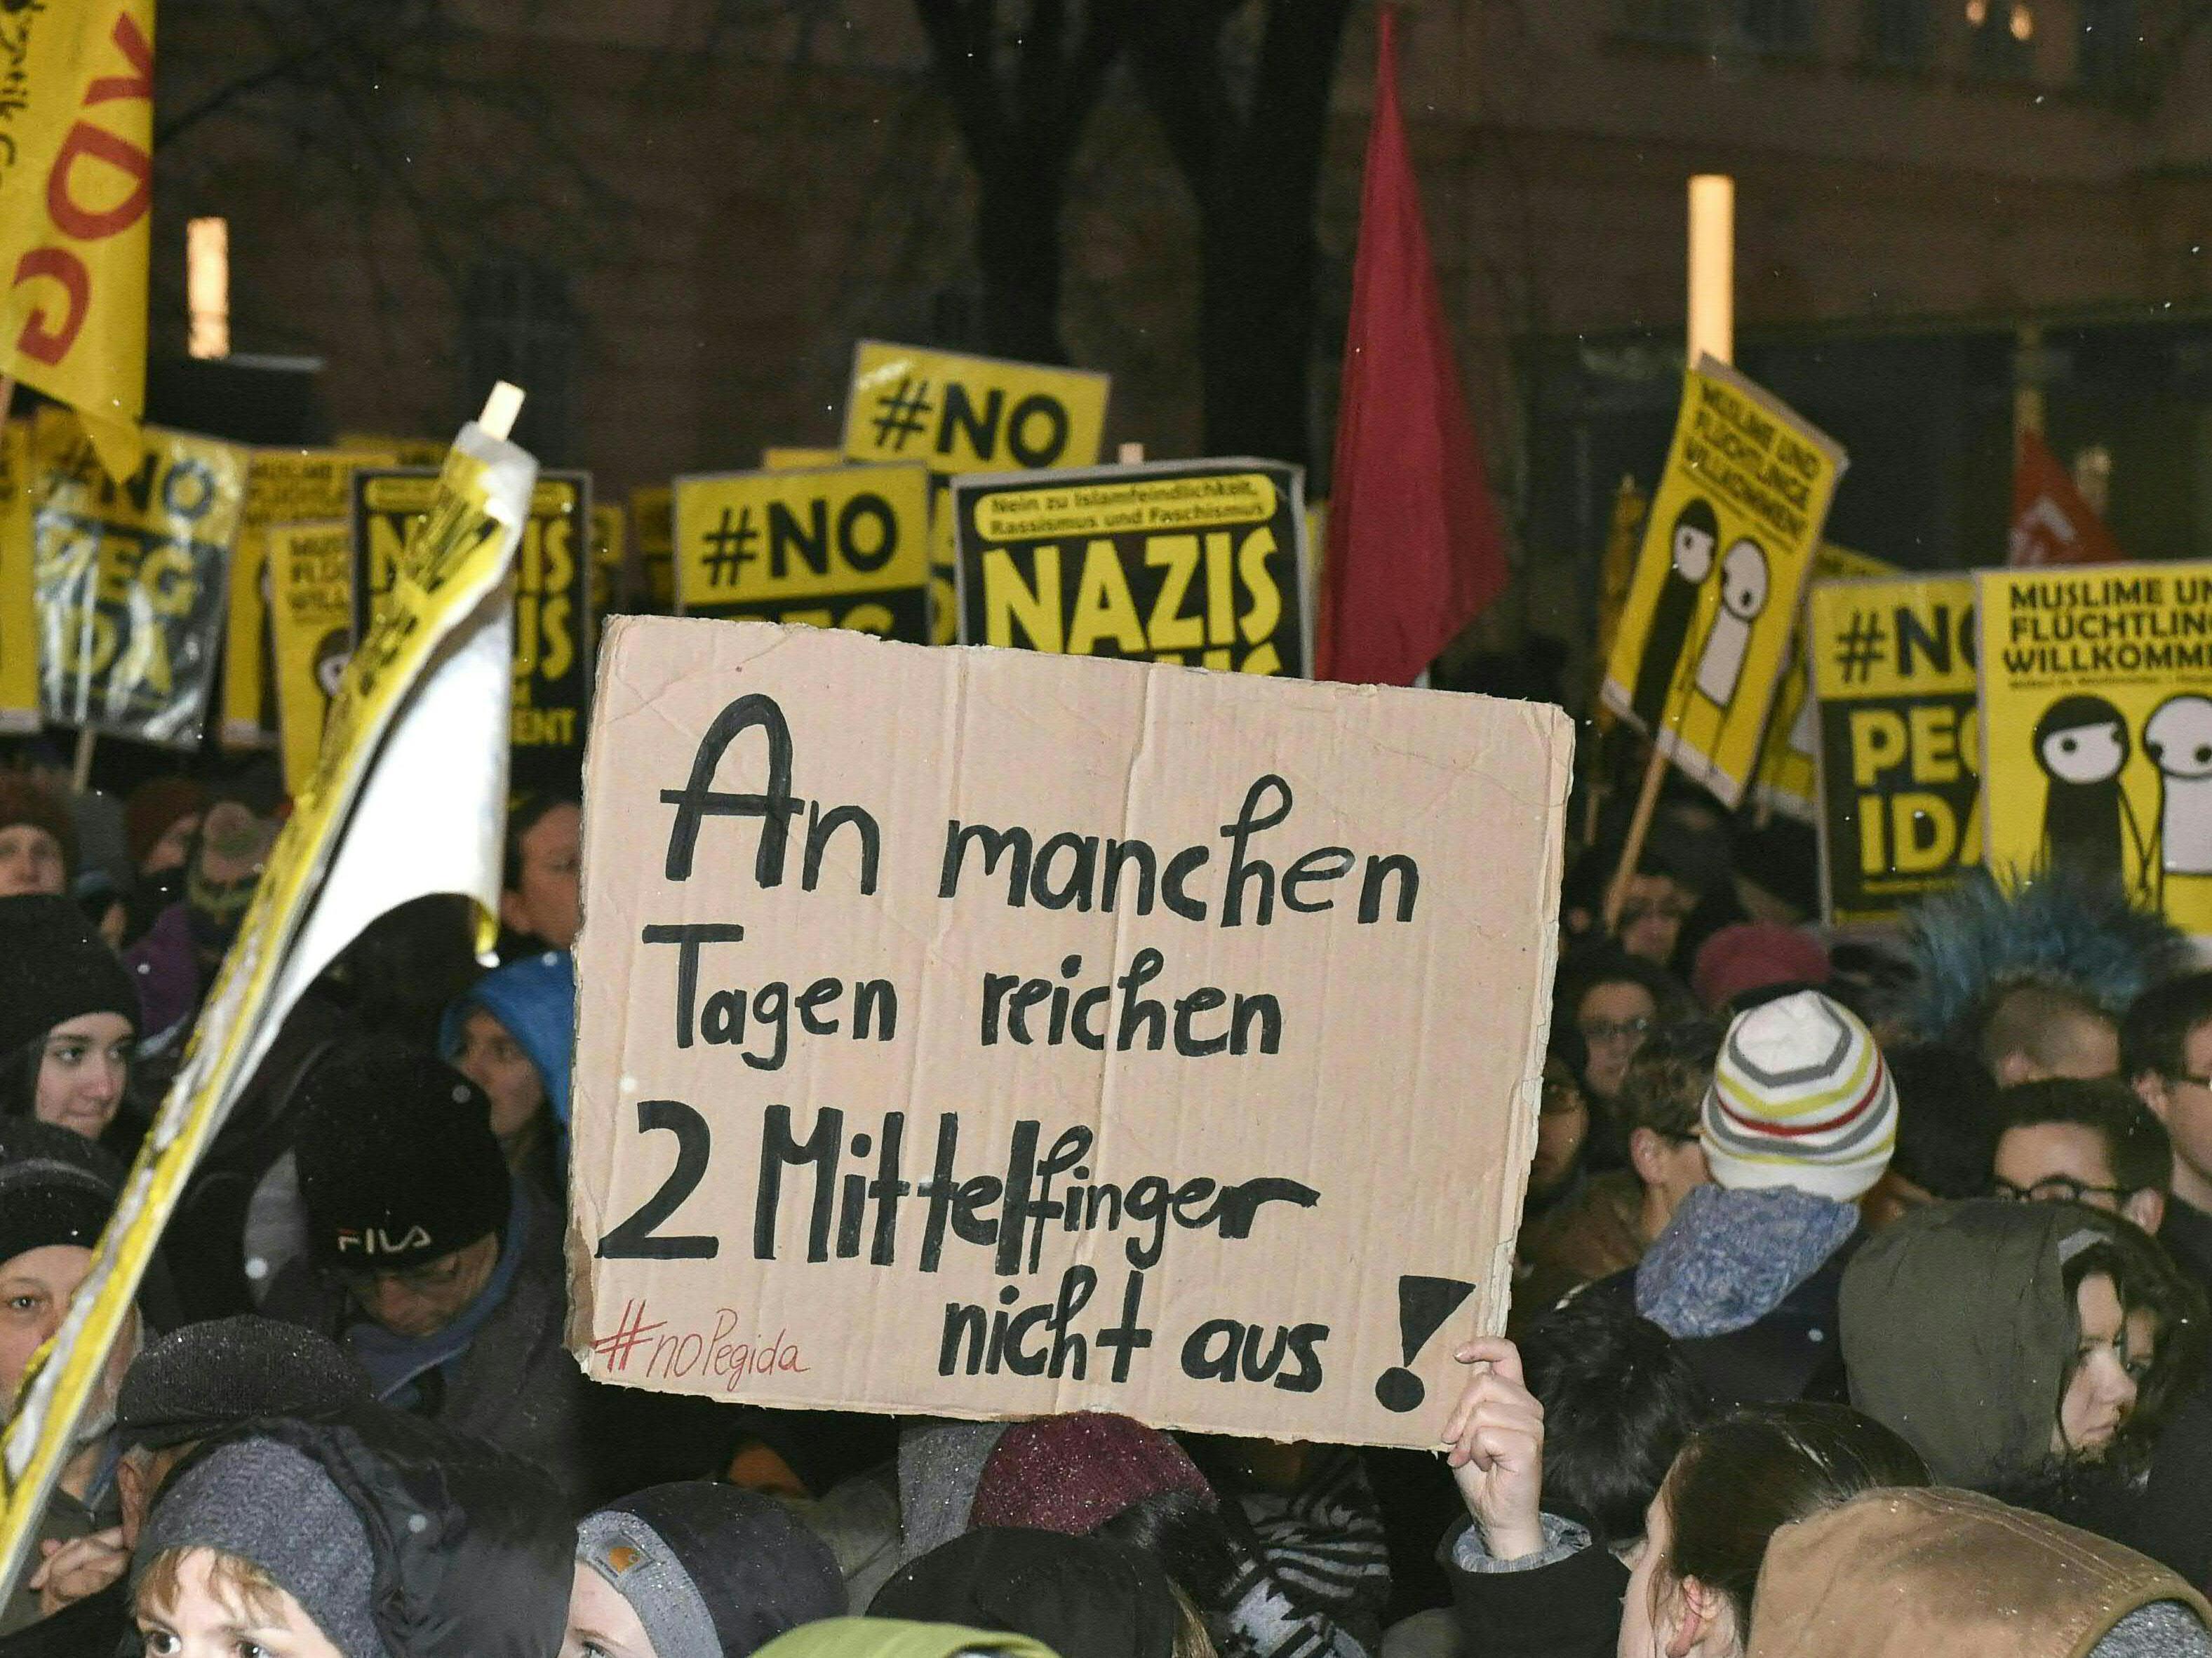 Gegen-Demonstranten verhinderten Marsch der Anti-Islam-Bewegung - 13 Festnahmen, eine Verletzte.